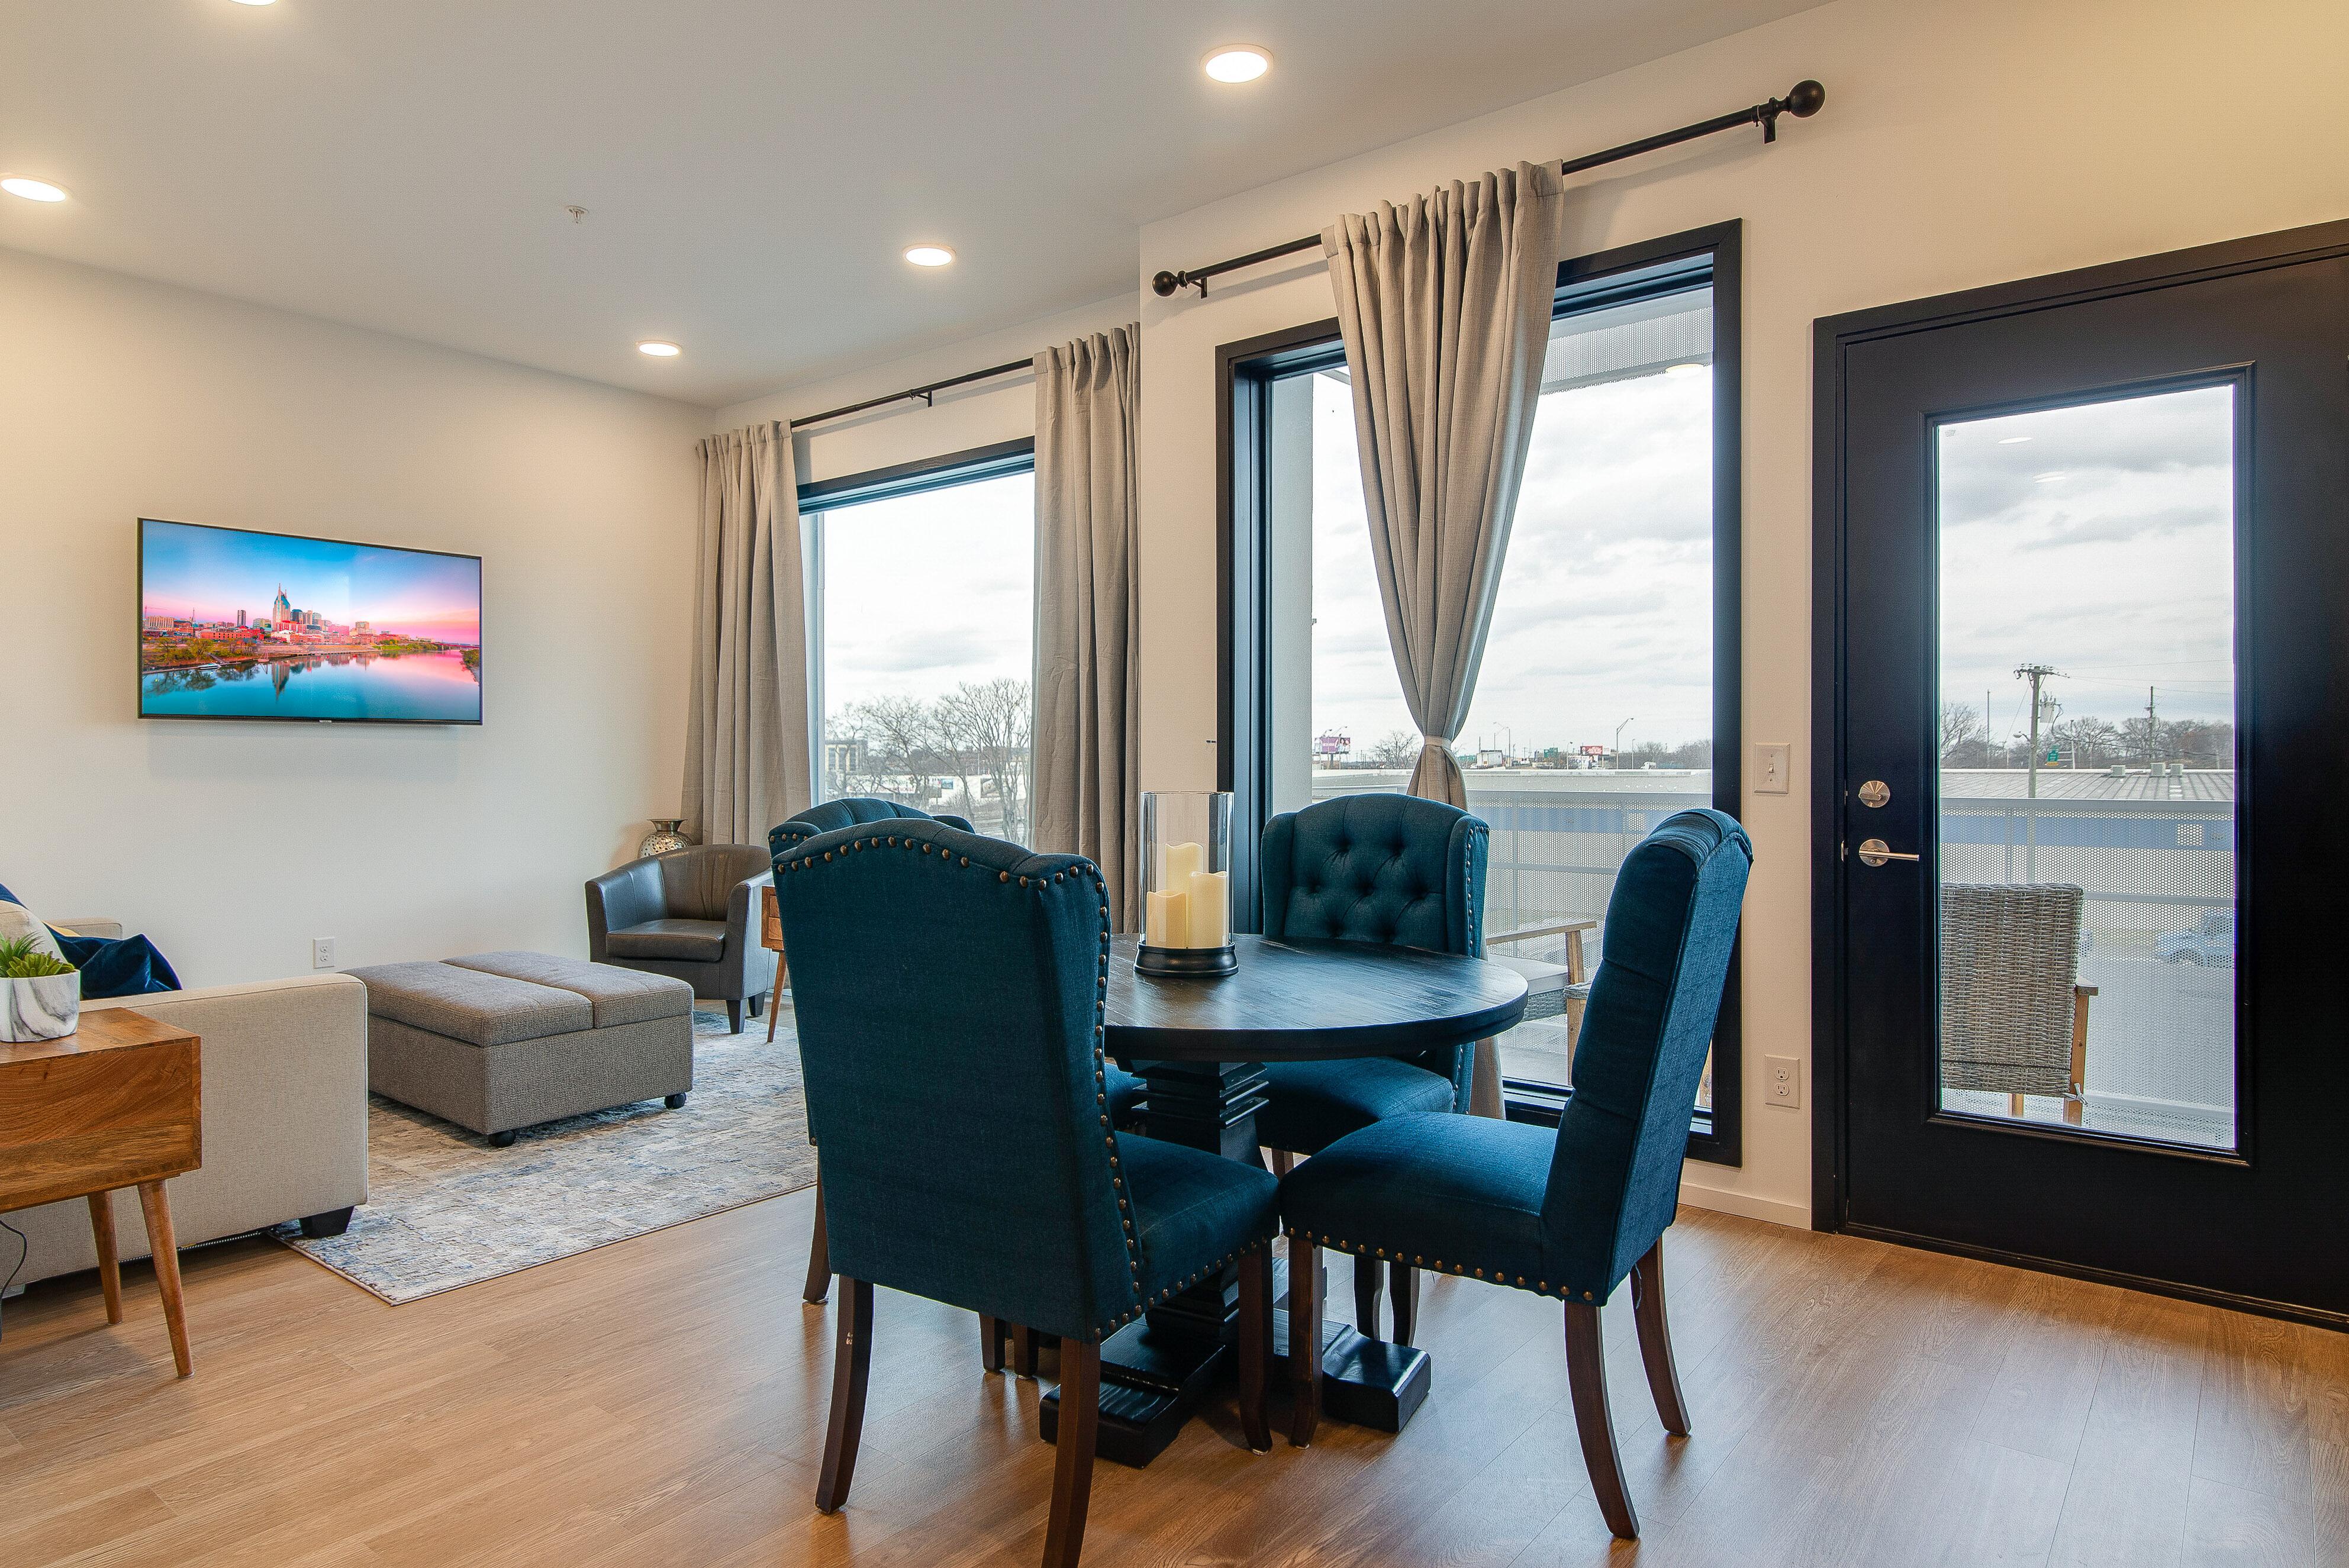 Nashville TN Vacation Rental Large windows invite